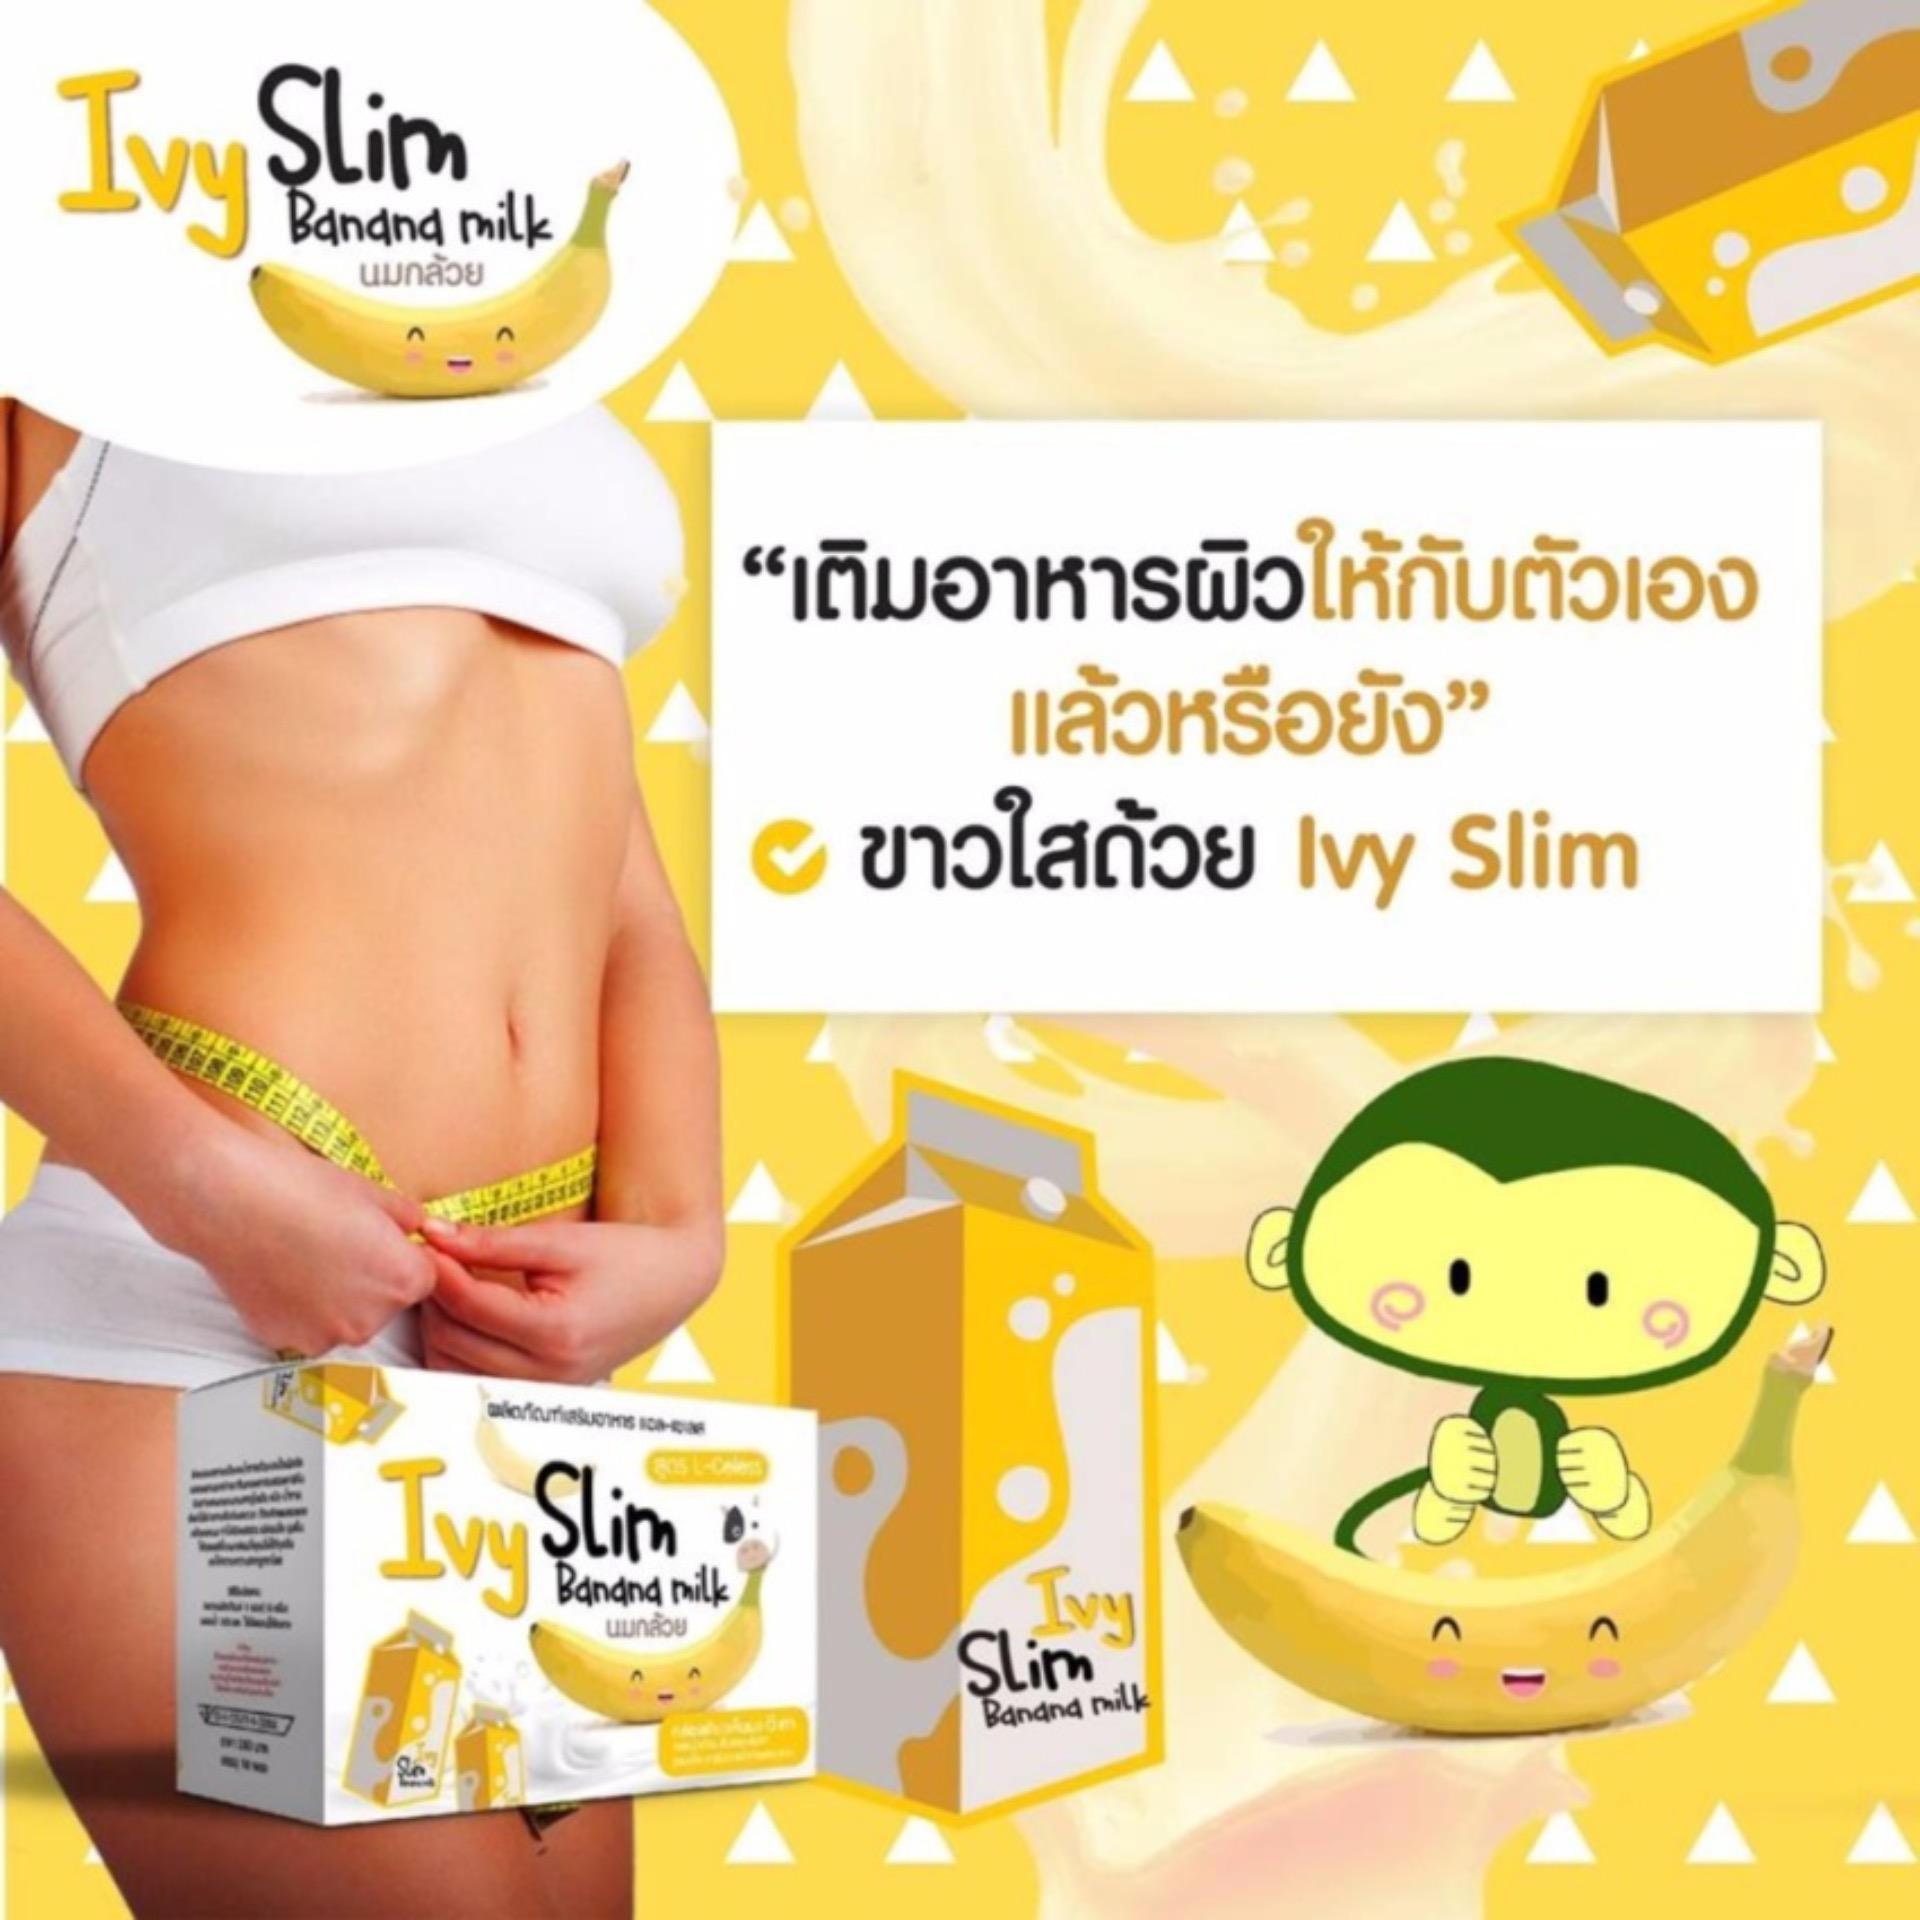 Nước Uống Giảm Cân Vị Sữa Chuối Ivy Slim Thái Lan (Hộp 10 gói) – An Toàn Mọi Cơ Địa